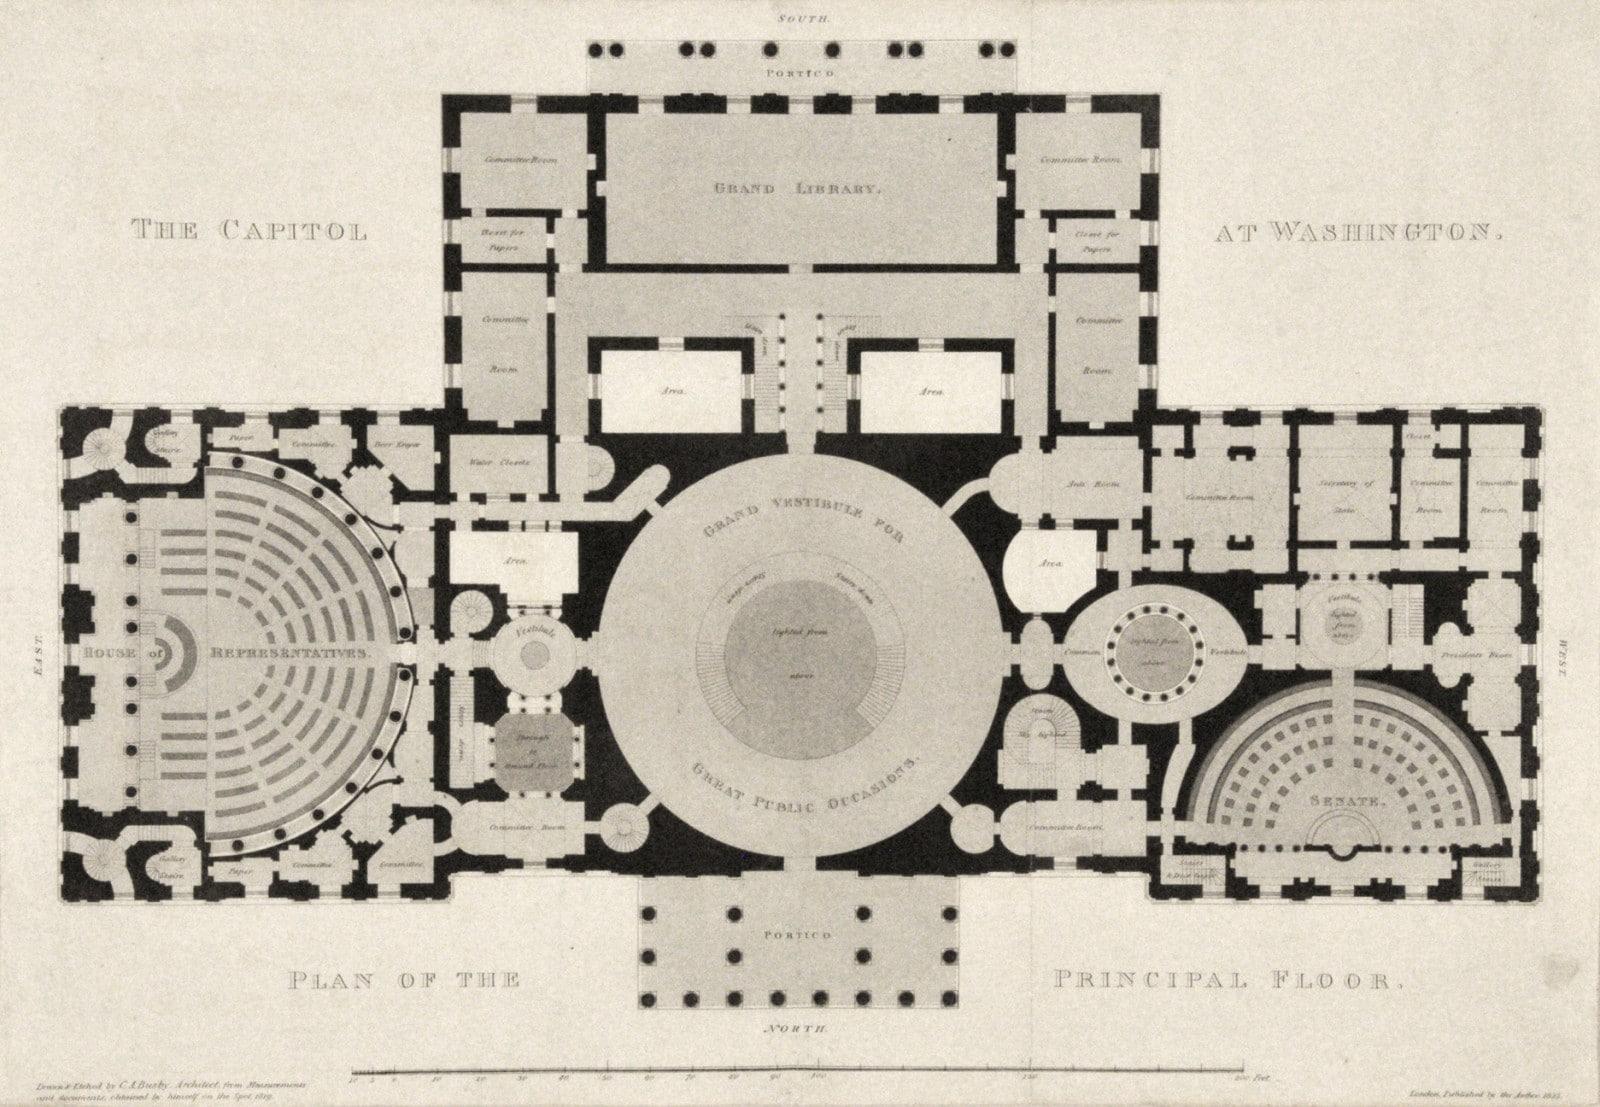 Fine and rare views of the U.S. Capitol - Rare & Antique Maps